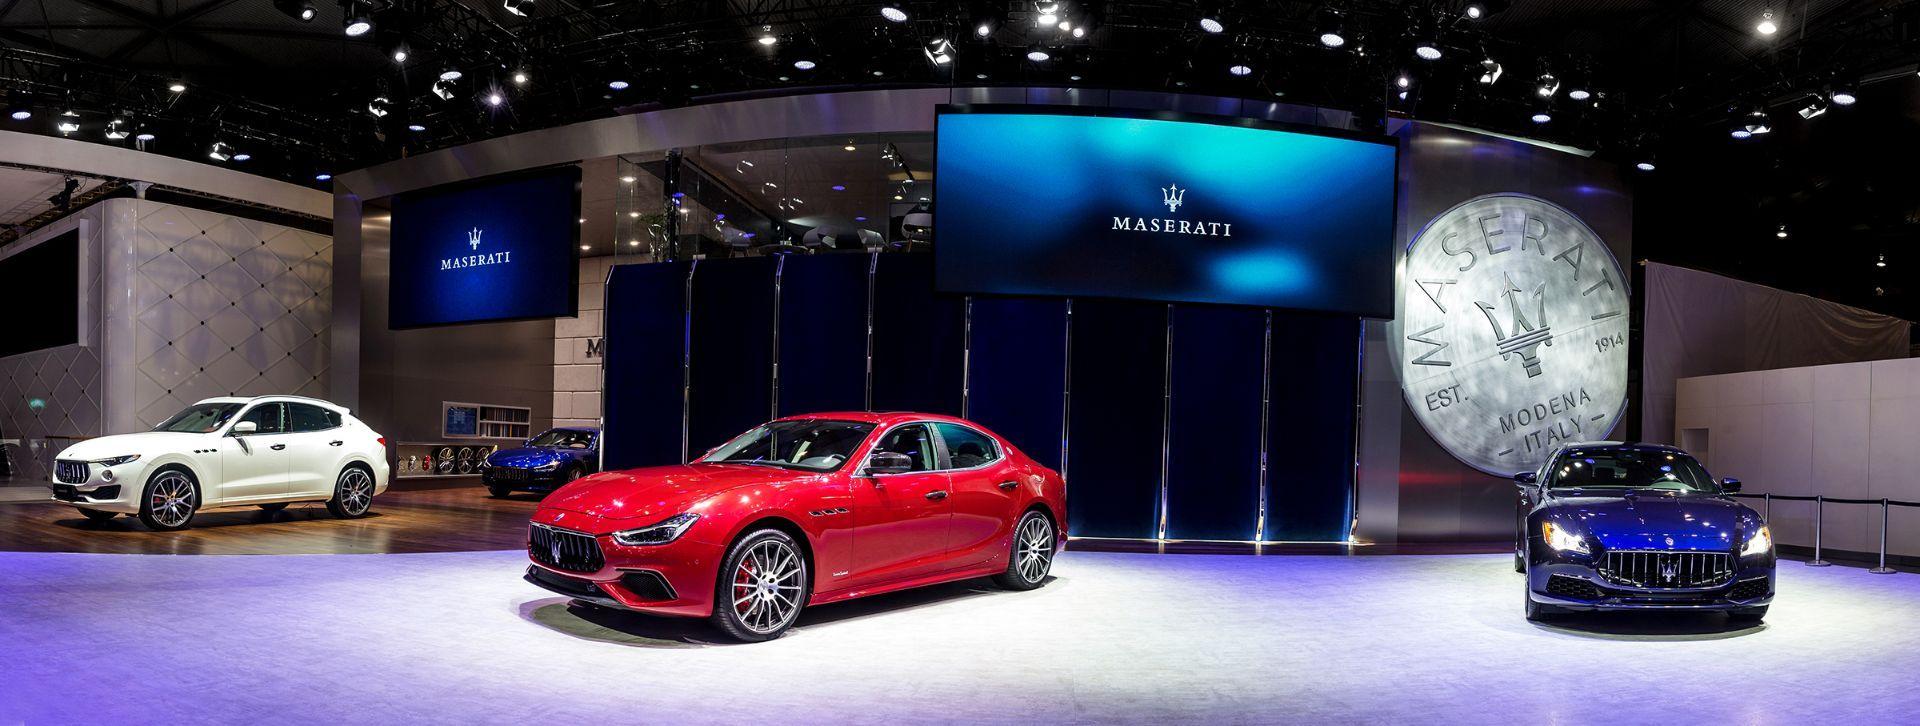 Maserati descubre los nuevos Ghibli GranLusso y GranSport en el Salón del Automóvil de Chengdu 2017